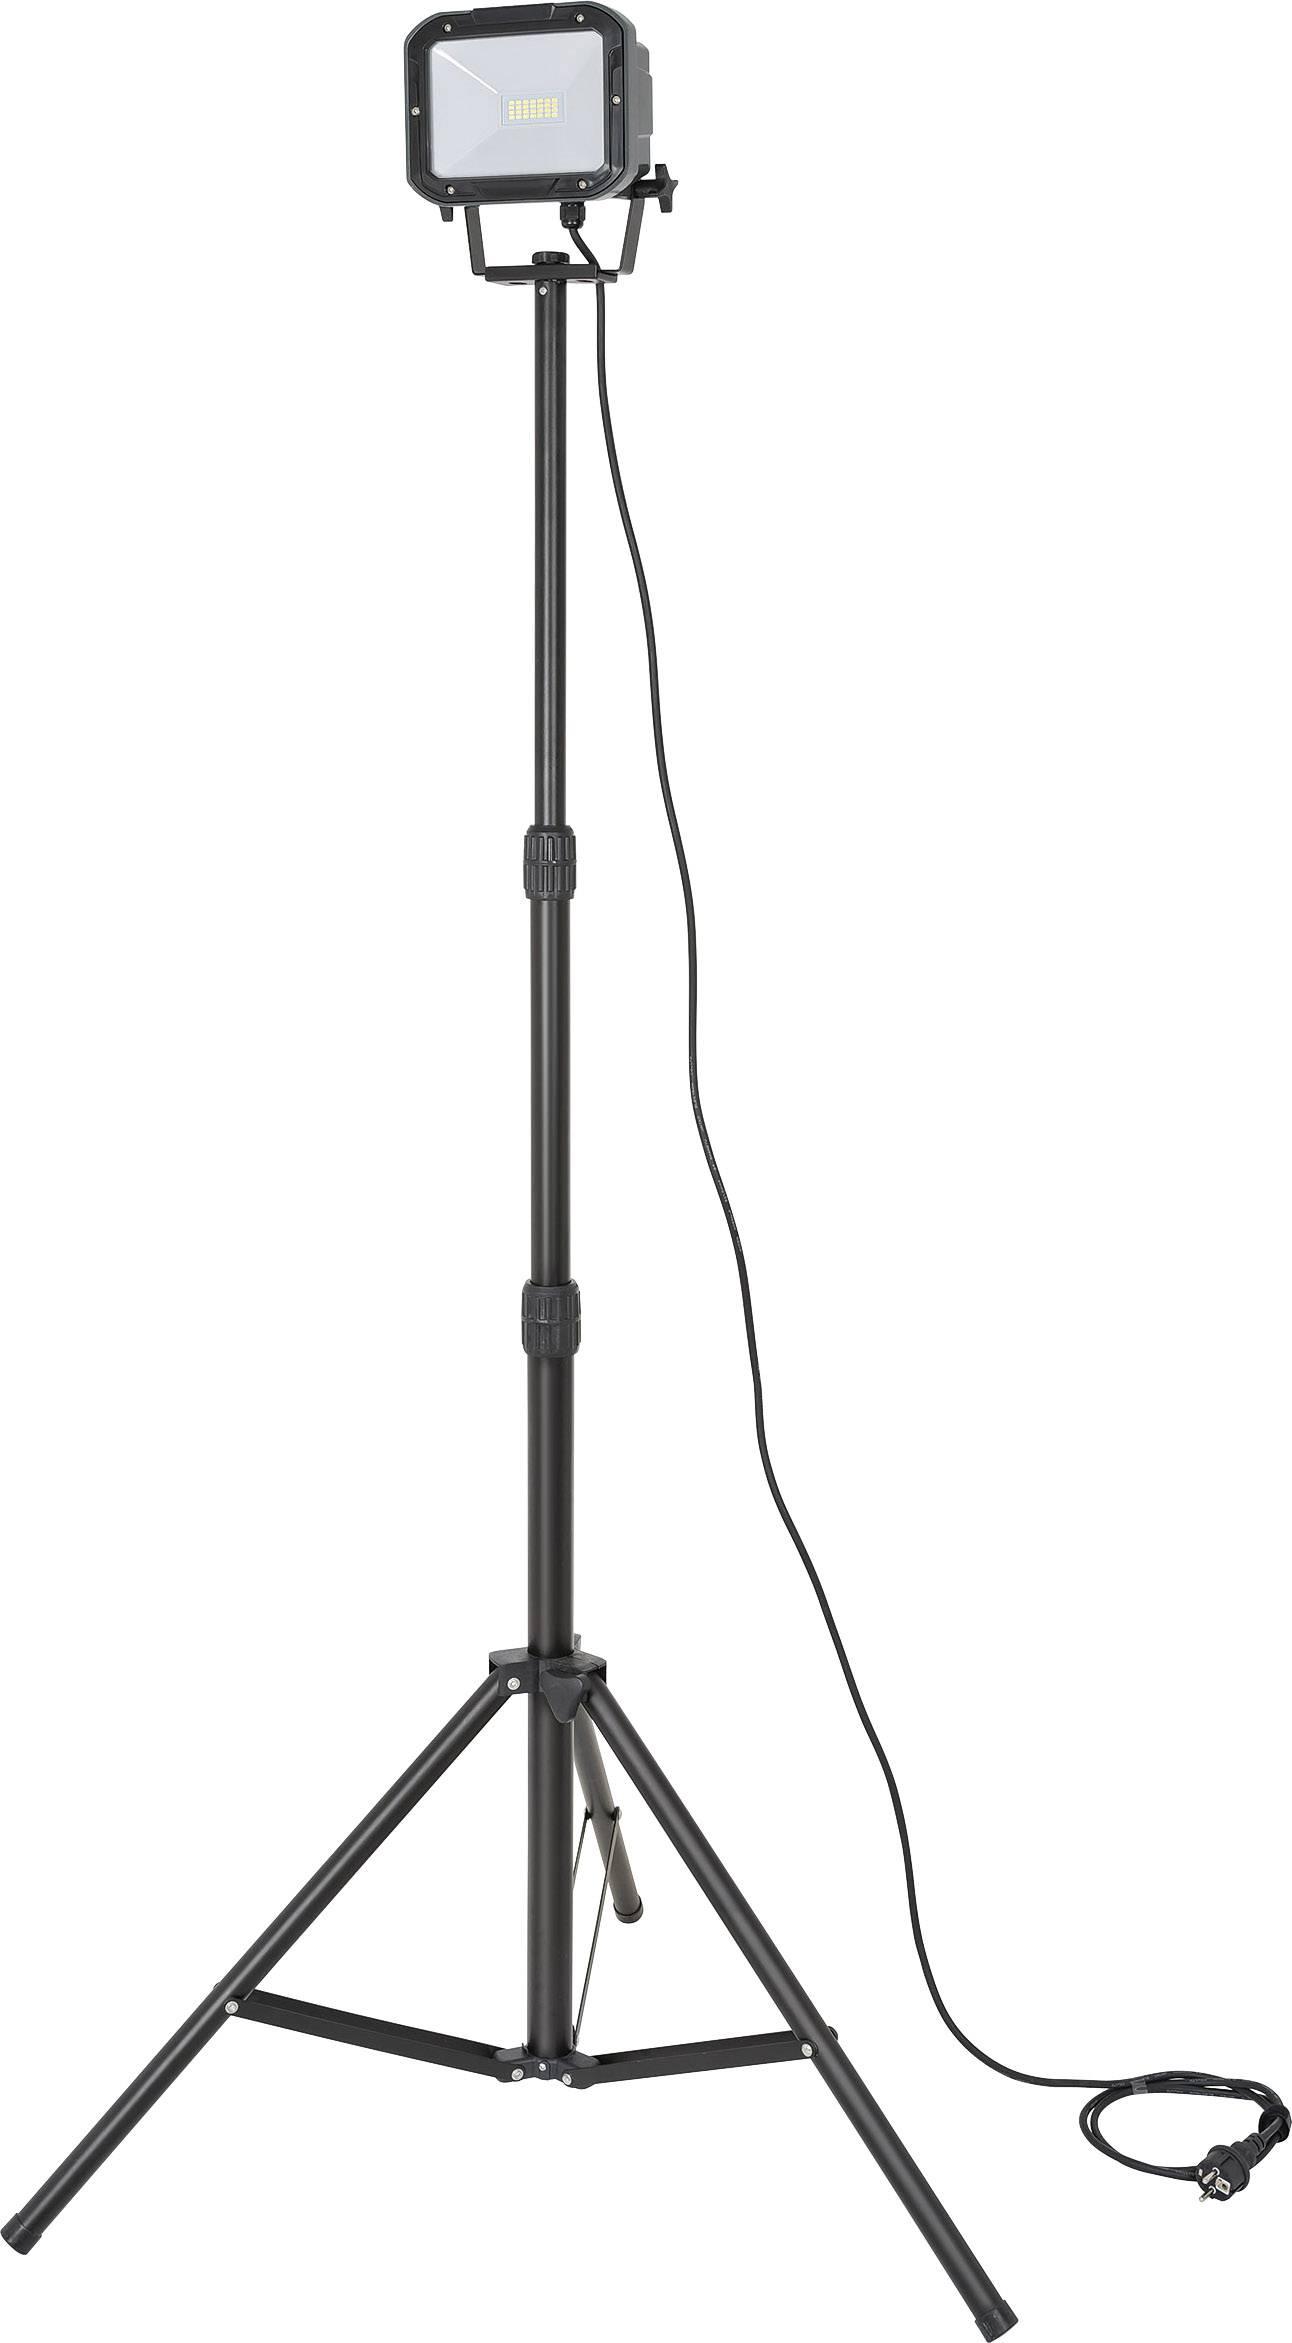 SMD LED stavebný reflektor Brennenstuhl SL DN 2806 S 1175600, 20 W, čierna